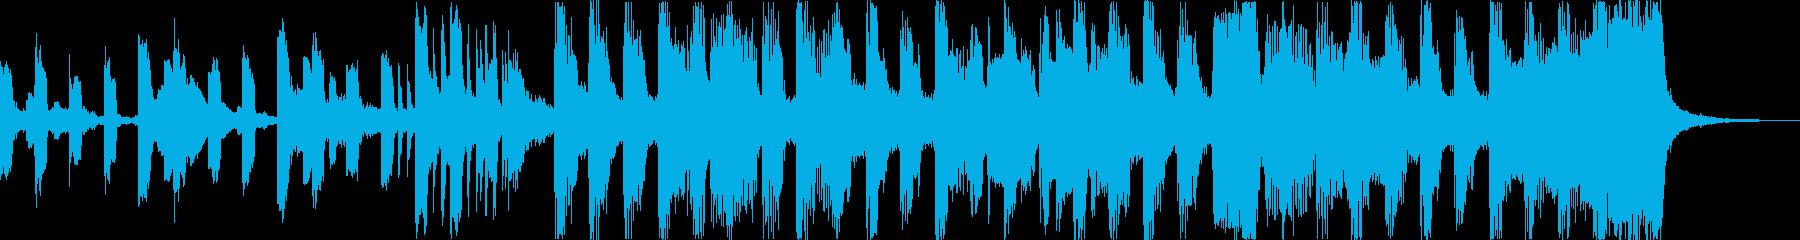 おしゃれチルヒップホップR&Bハウスcの再生済みの波形